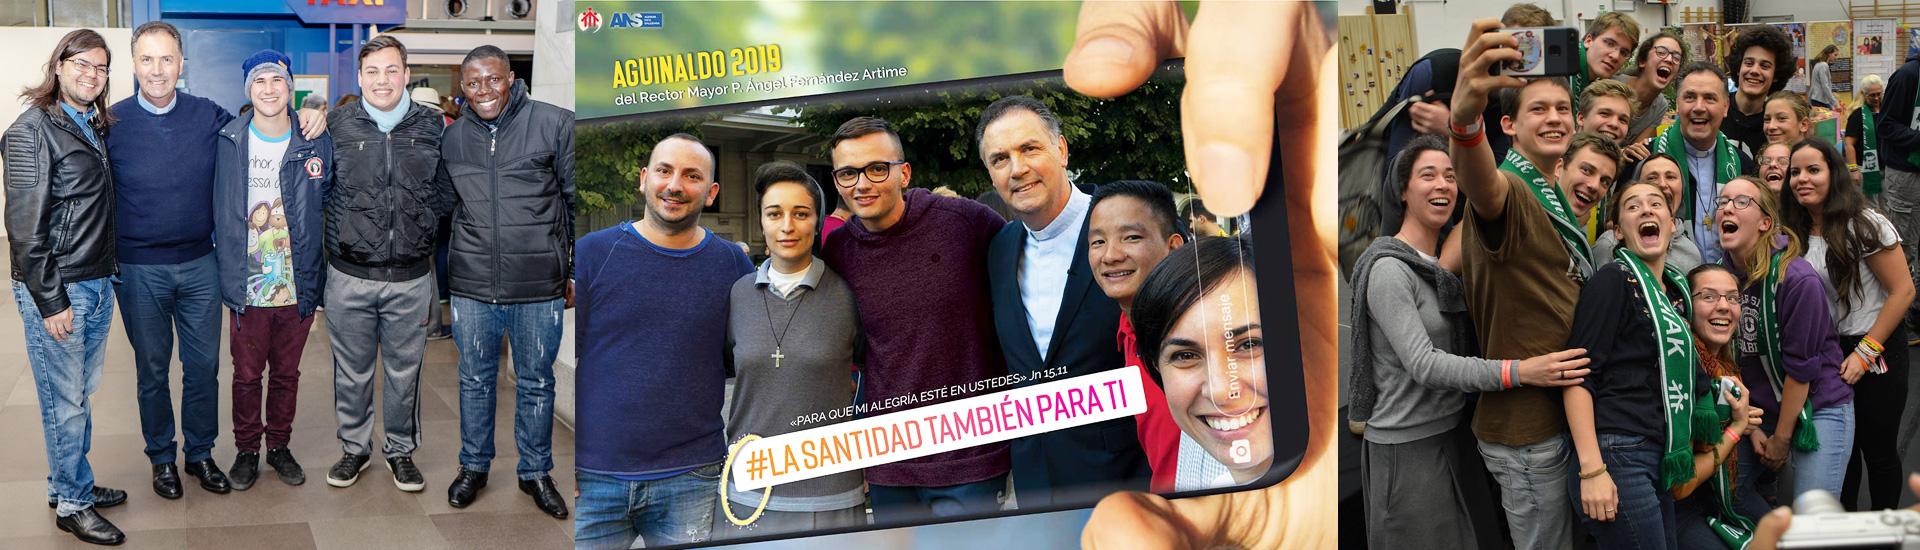 El cartel del Aguinaldo 2019 del Rector Mayor invita a la santidad